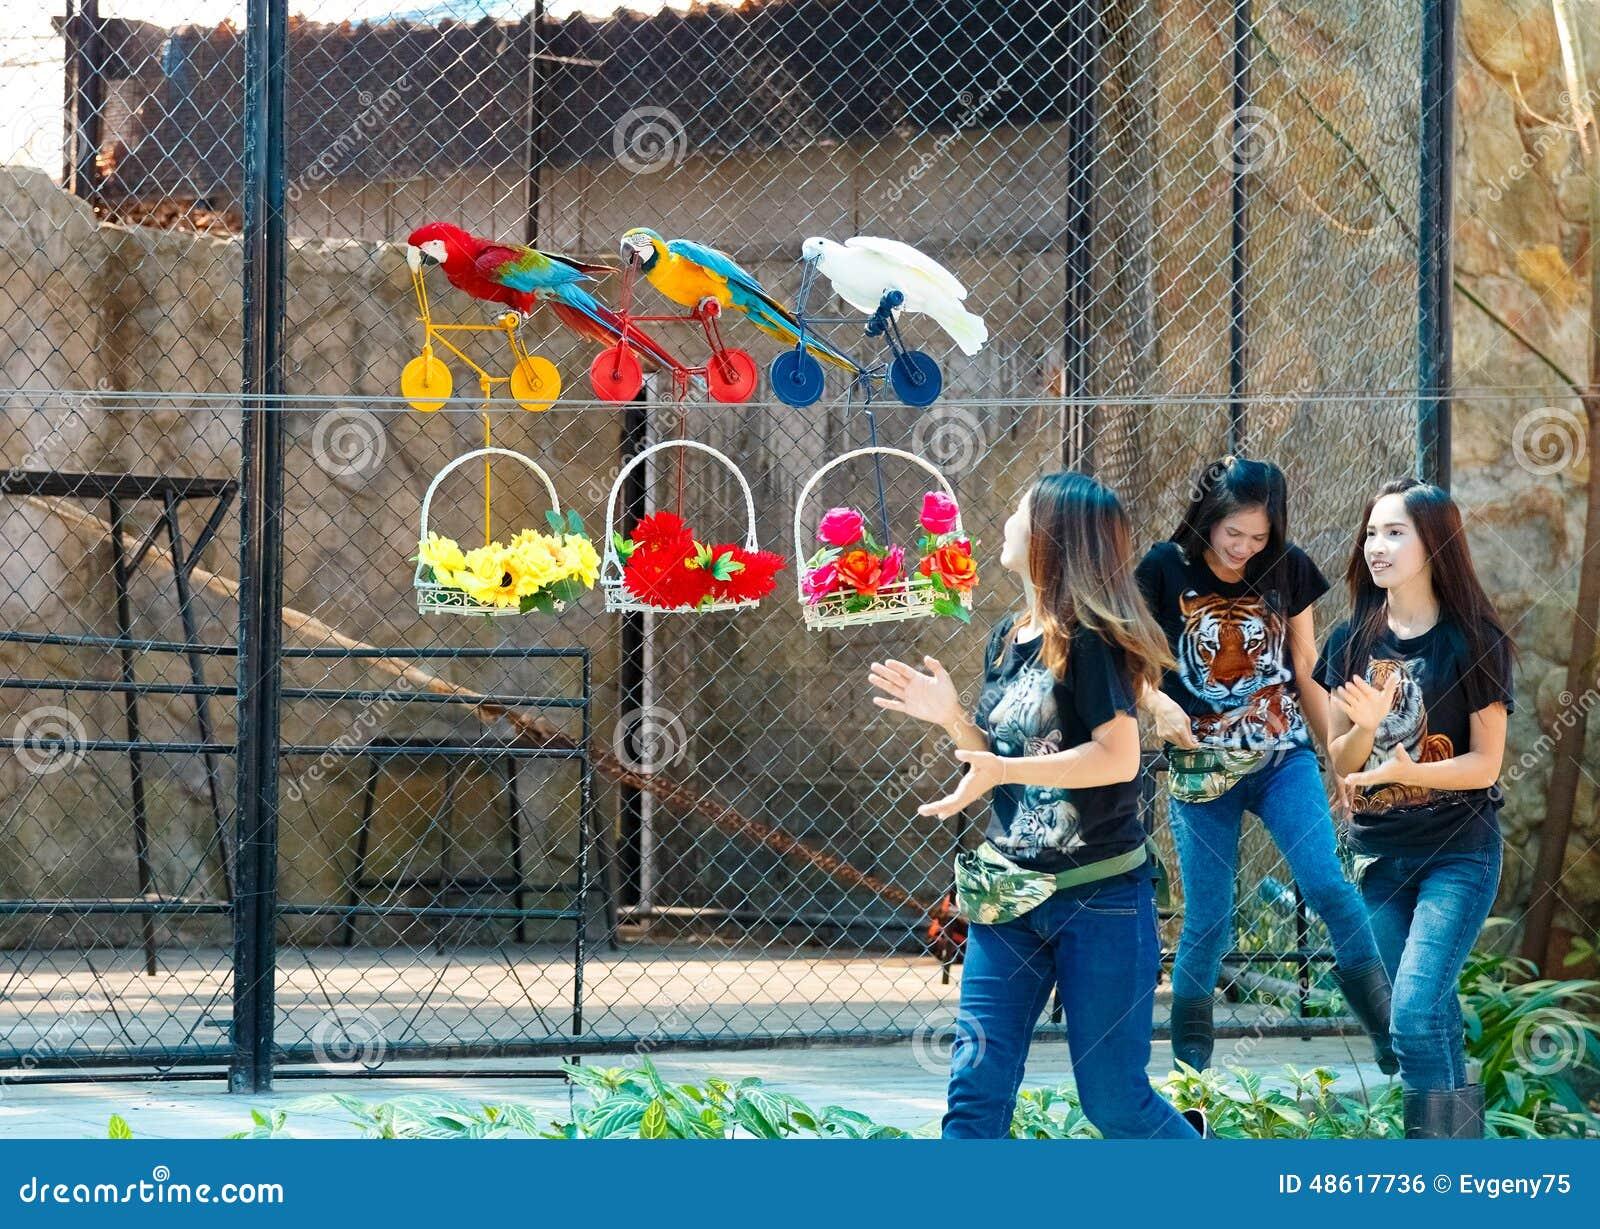 zoo map odense cum i halsen